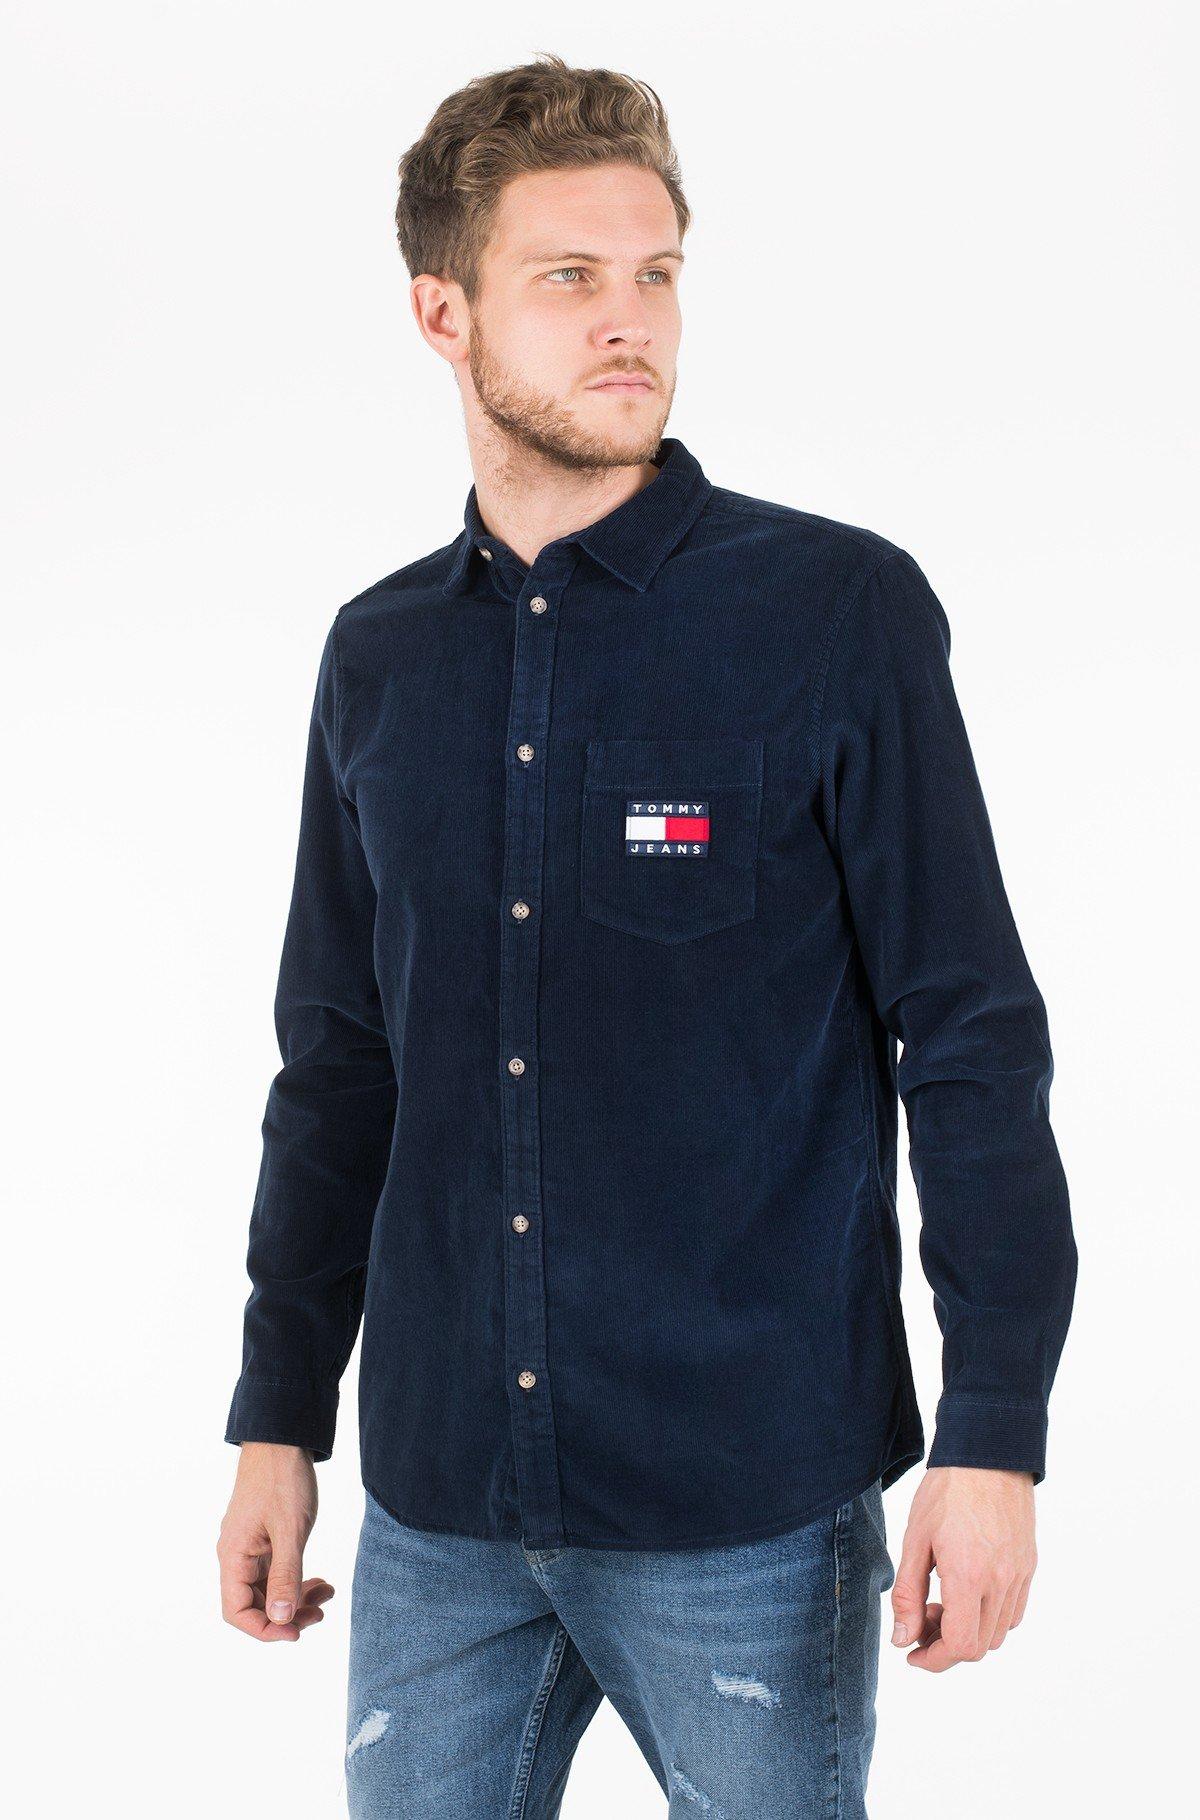 Marškiniai TJM CORD SHIRT-full-1